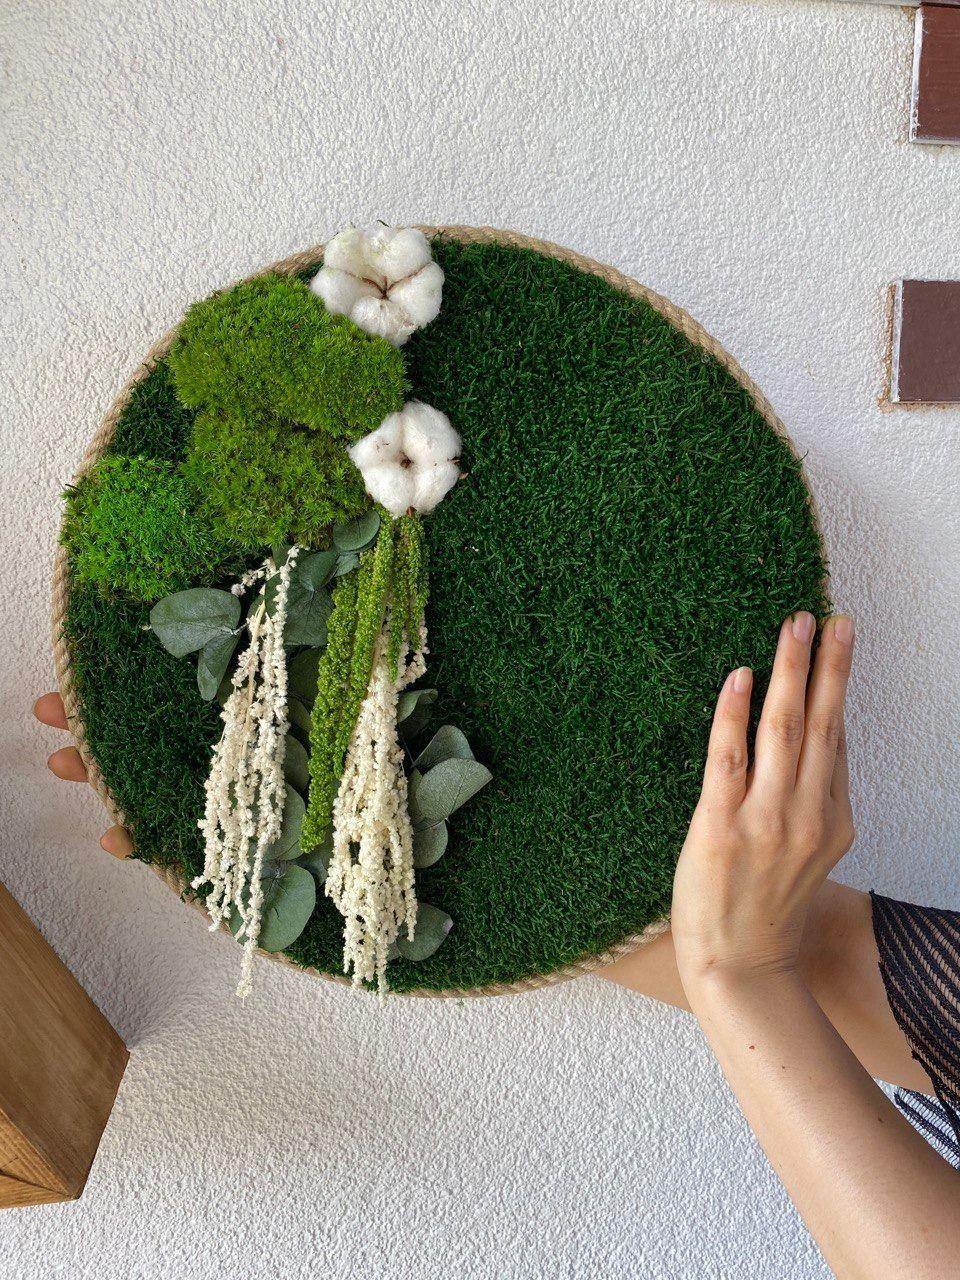 Moss Wall Art Moss Wall Art Decor Fake Moss Decor Wall Art In 2020 Moss Wall Art Extra Large Wall Art Green Wall Art